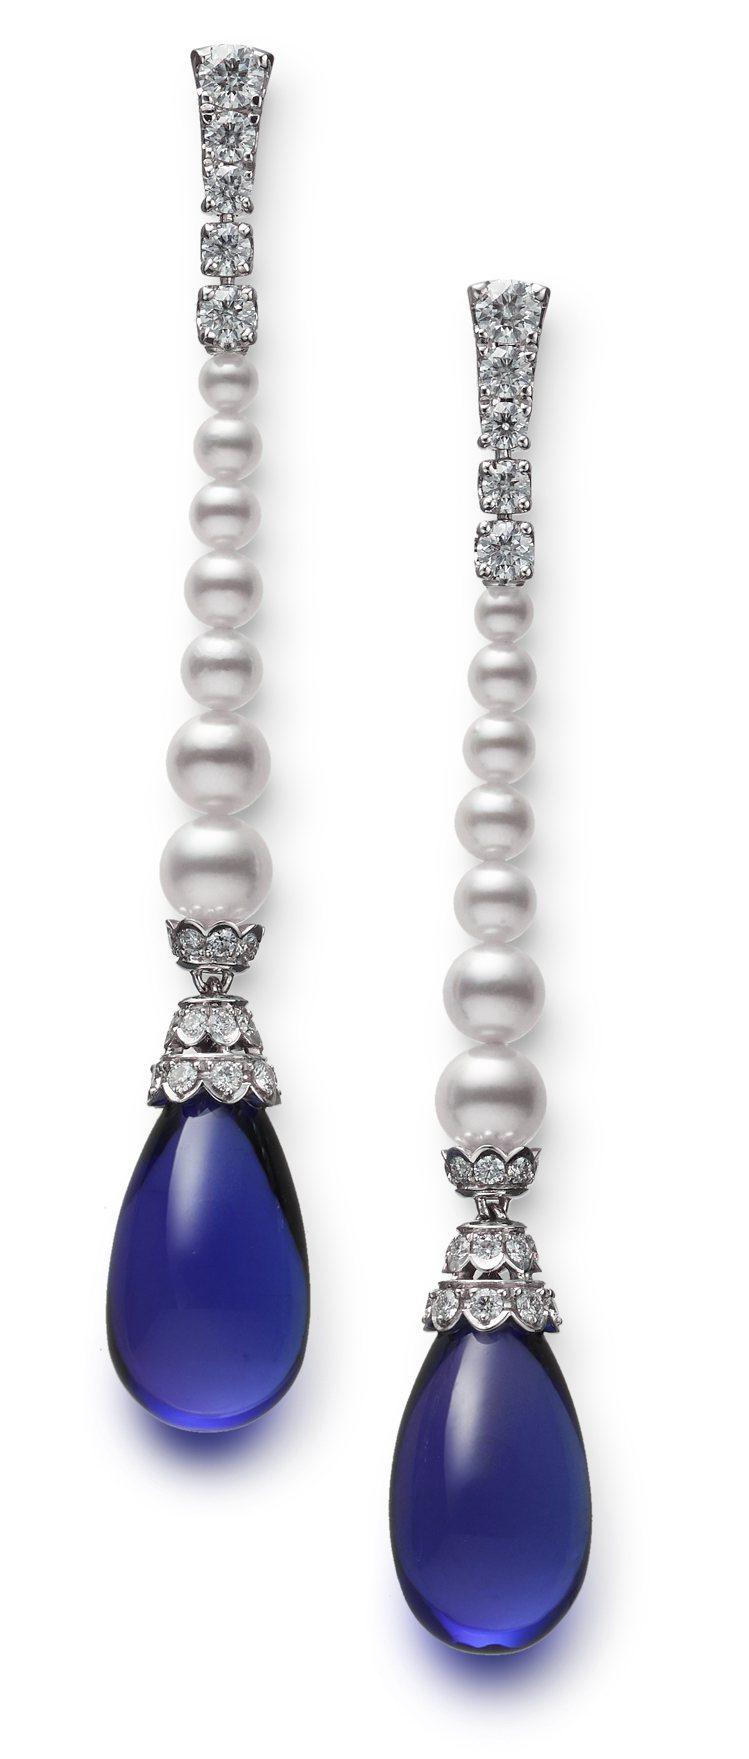 MIKIMOTO頂級珠寶系列丹泉石珍珠鑽石耳環,價格未定。圖/MIKIMOTO提...